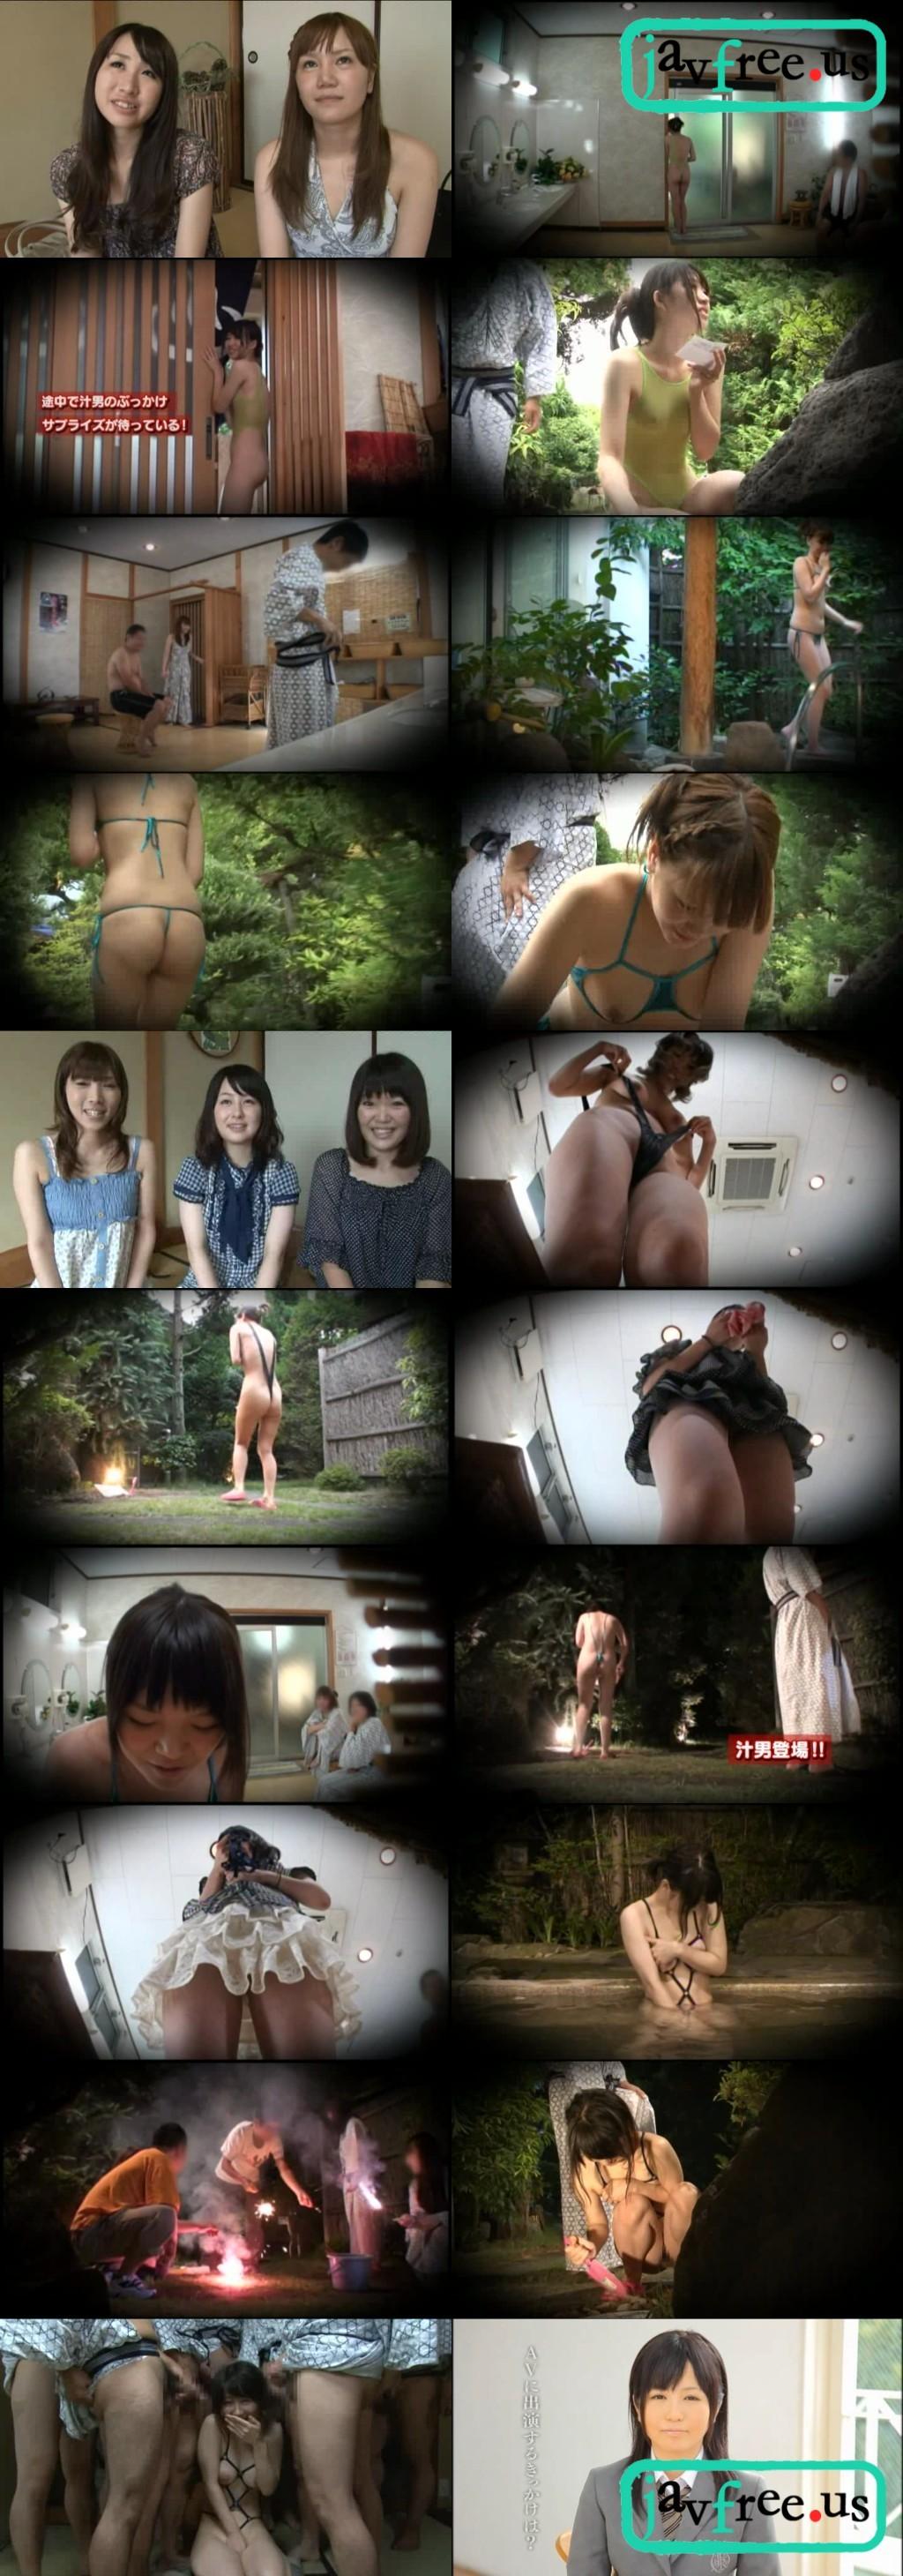 [SDMT 574] 裸より恥ずかしい水着で半ば強制的に「露出」してもらいました!IN一般客でいっぱいの温泉旅館編 SDMT